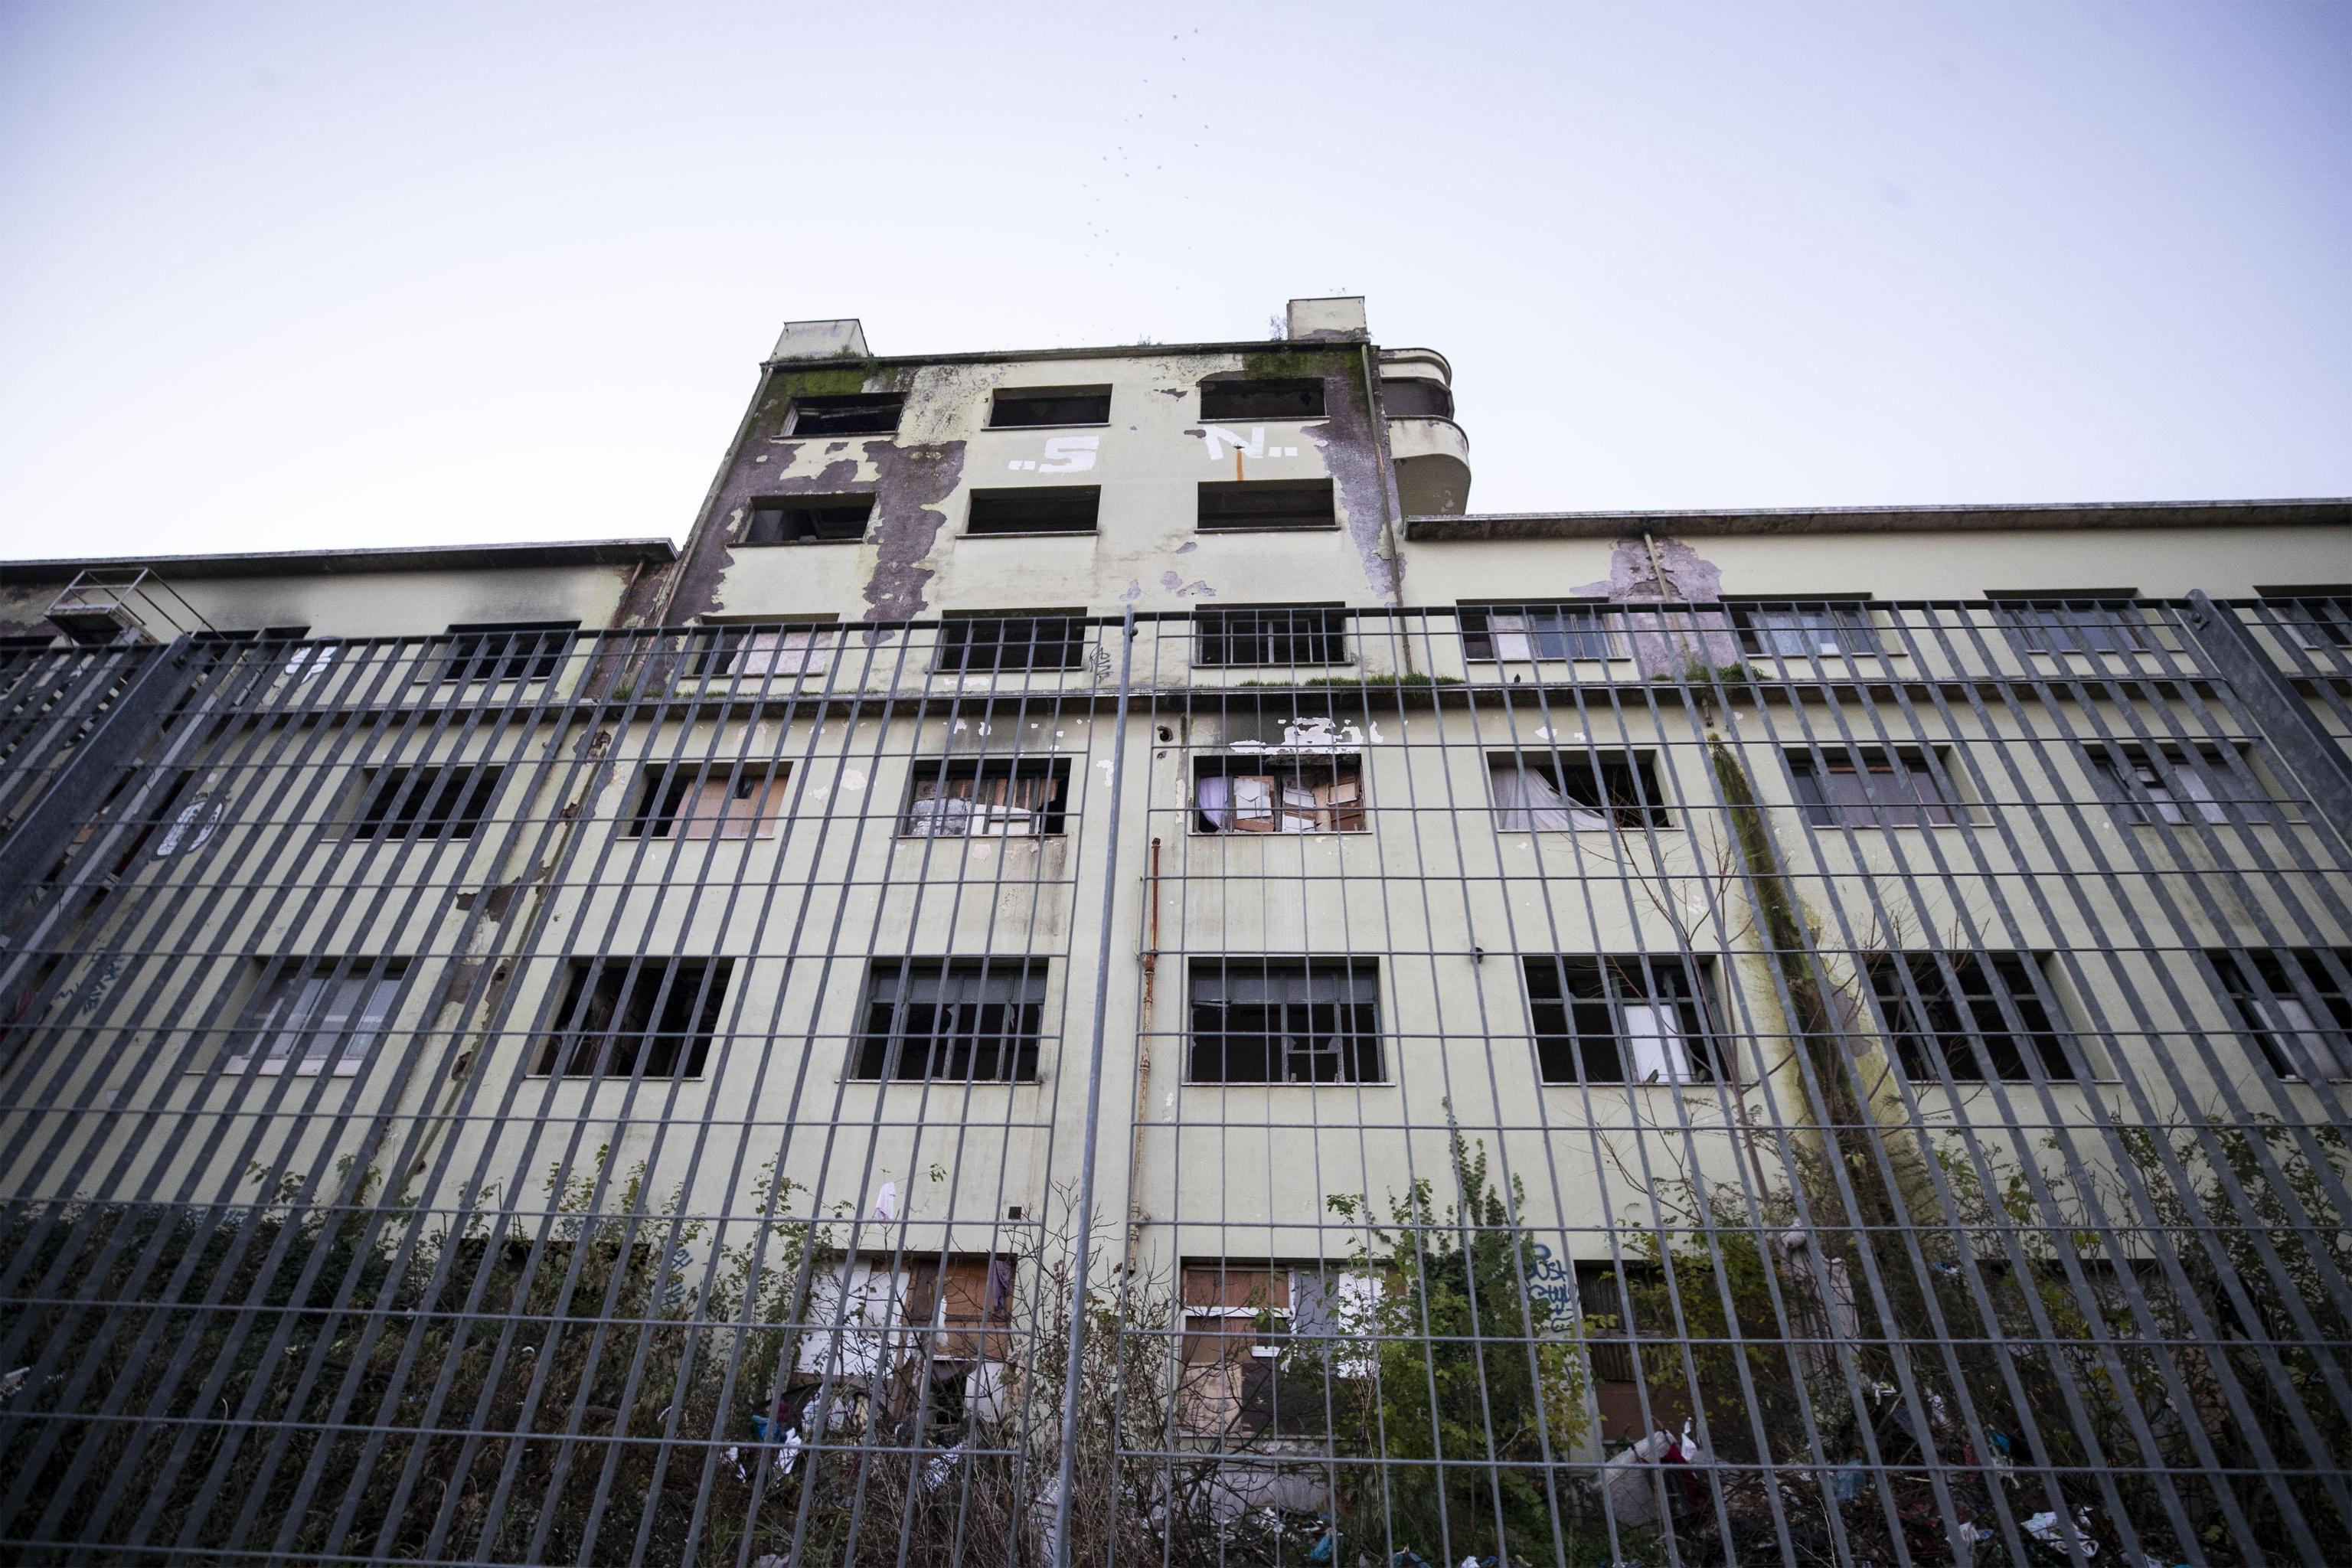 Un momento dello sgombero dell'ex fabbrica di penicillina su via Tiburtina a Roma, 10 dicembre 2018. ANSA/PERI - PERCOSSI